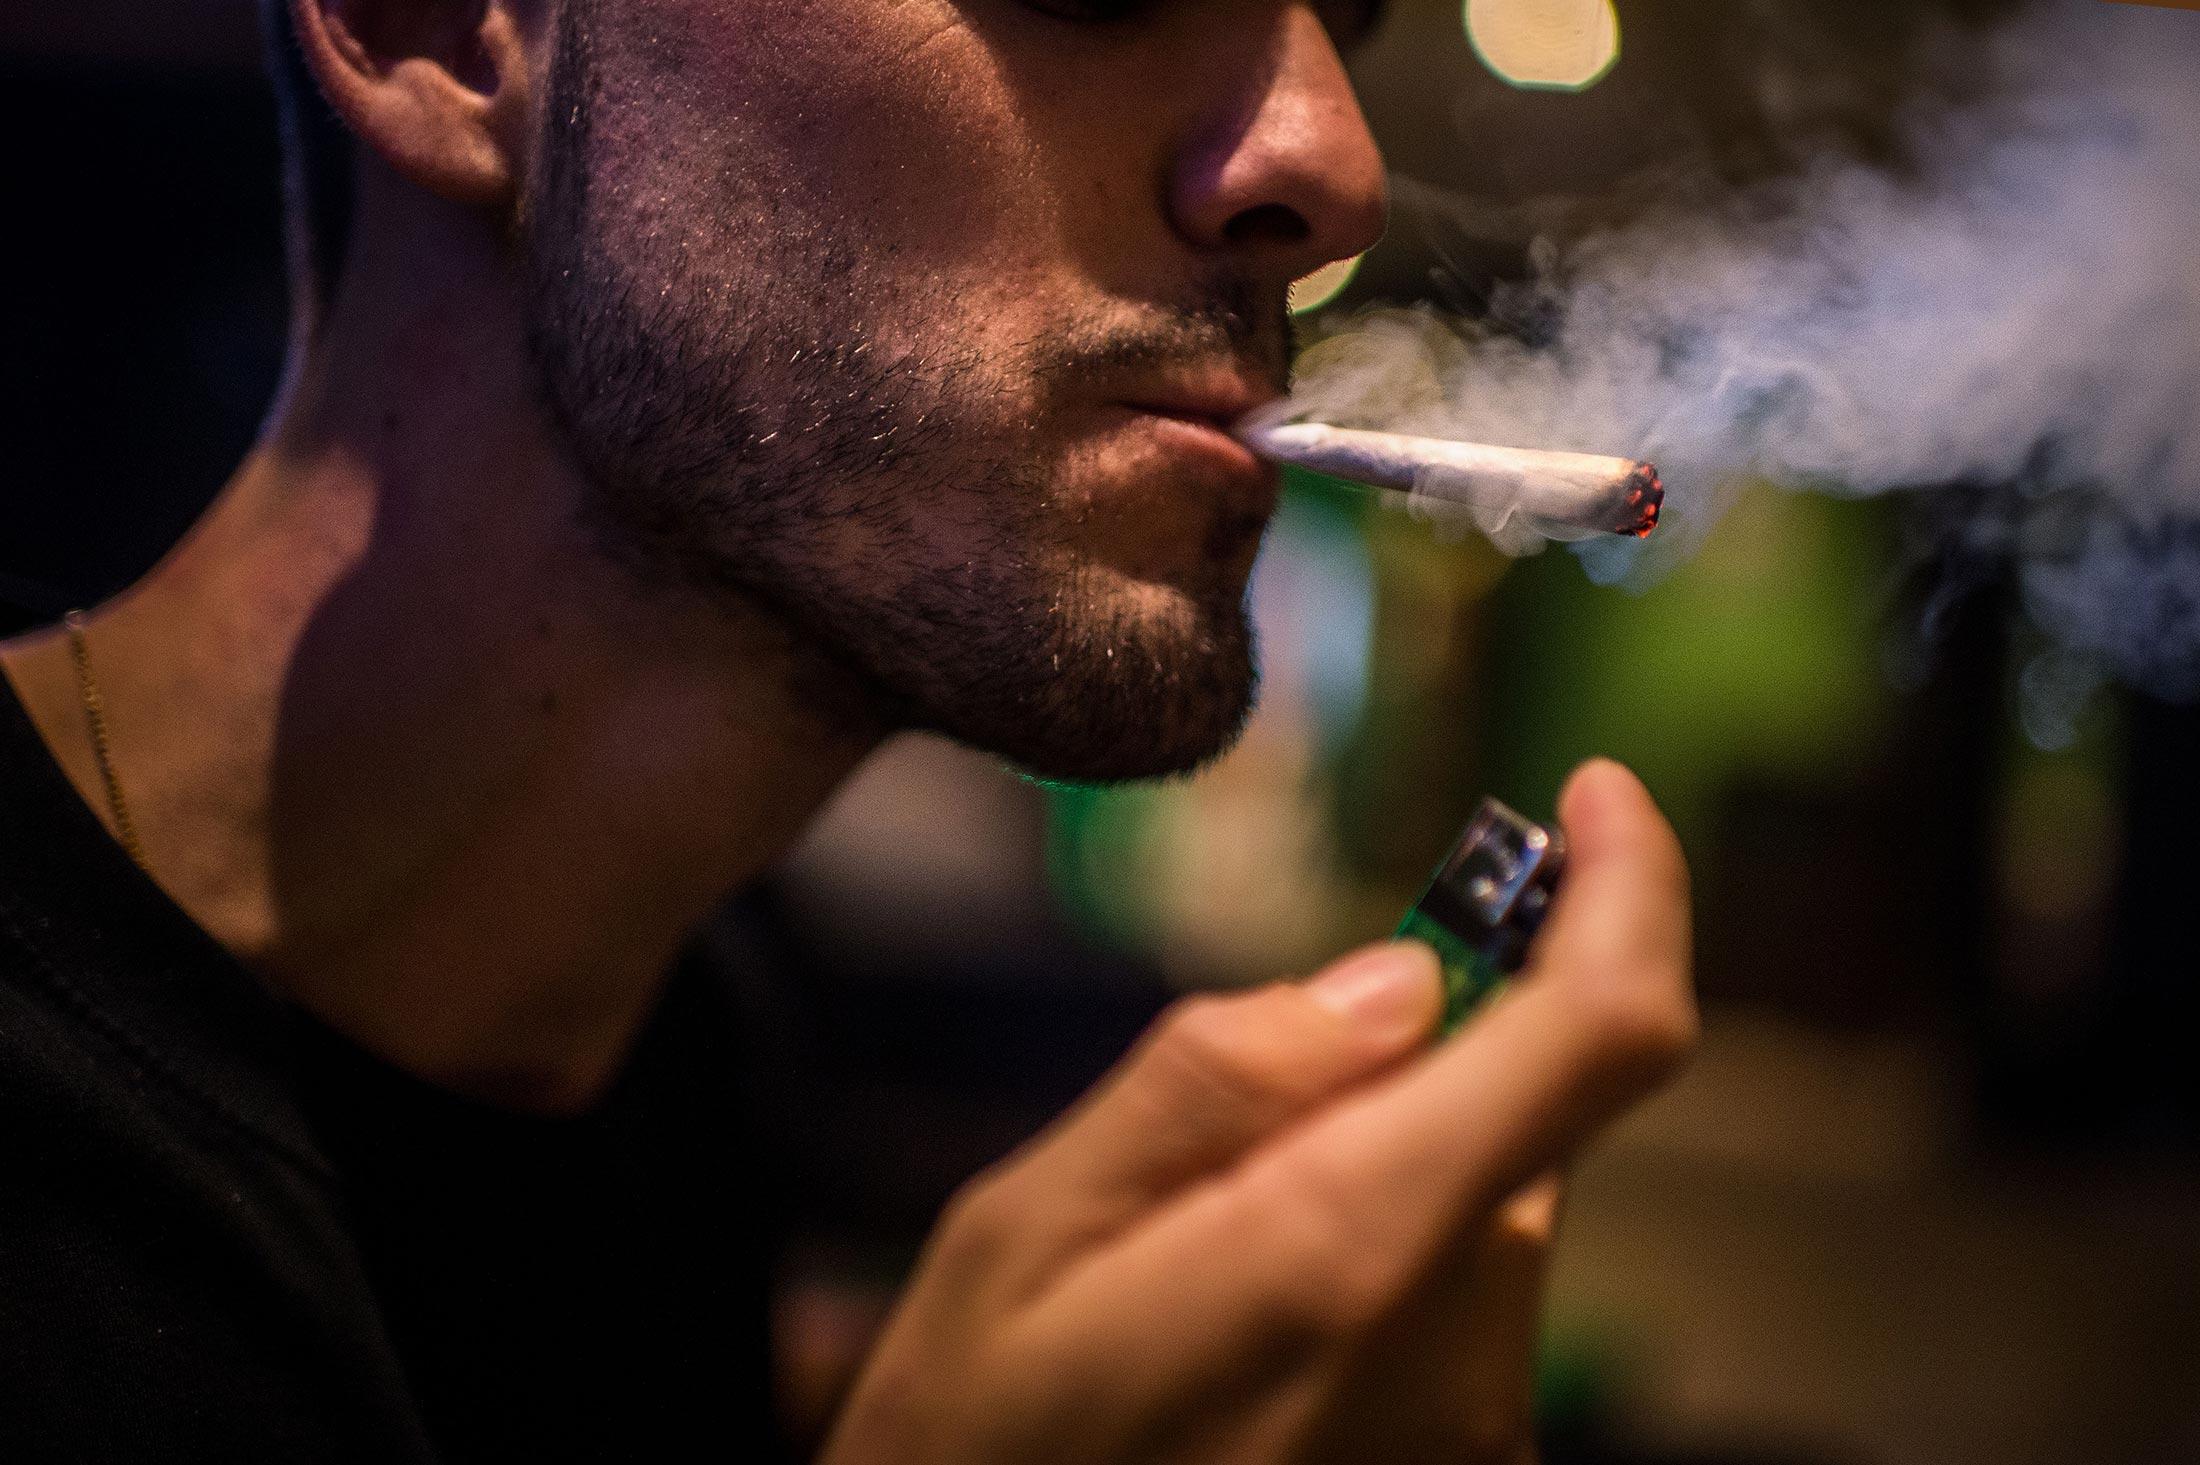 совершенствовании картинки где парень курит принадлежности